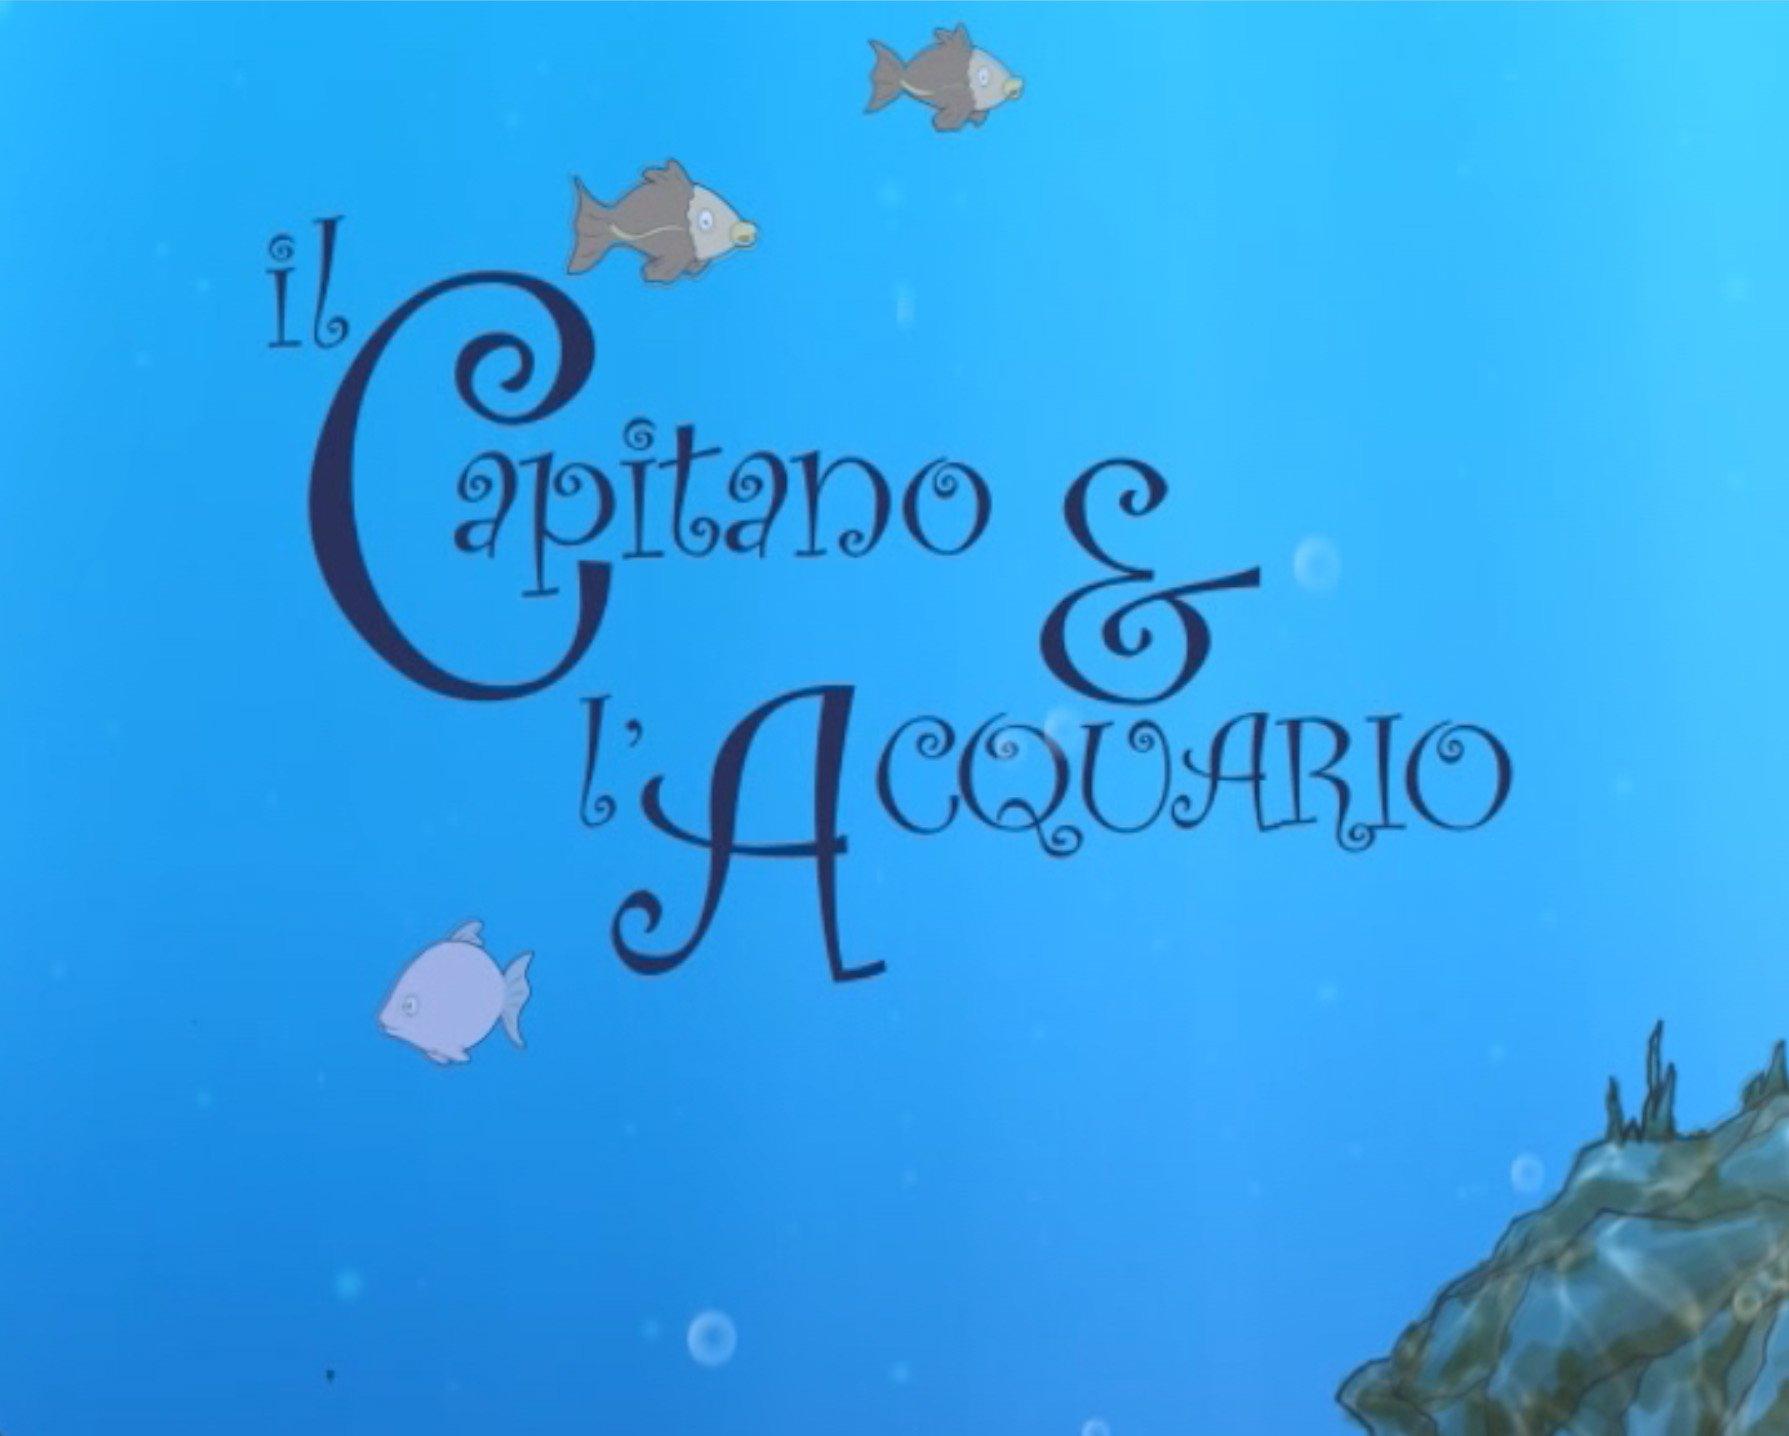 Immagine Il capitano e l'acquario, un progetto di Cicciotun